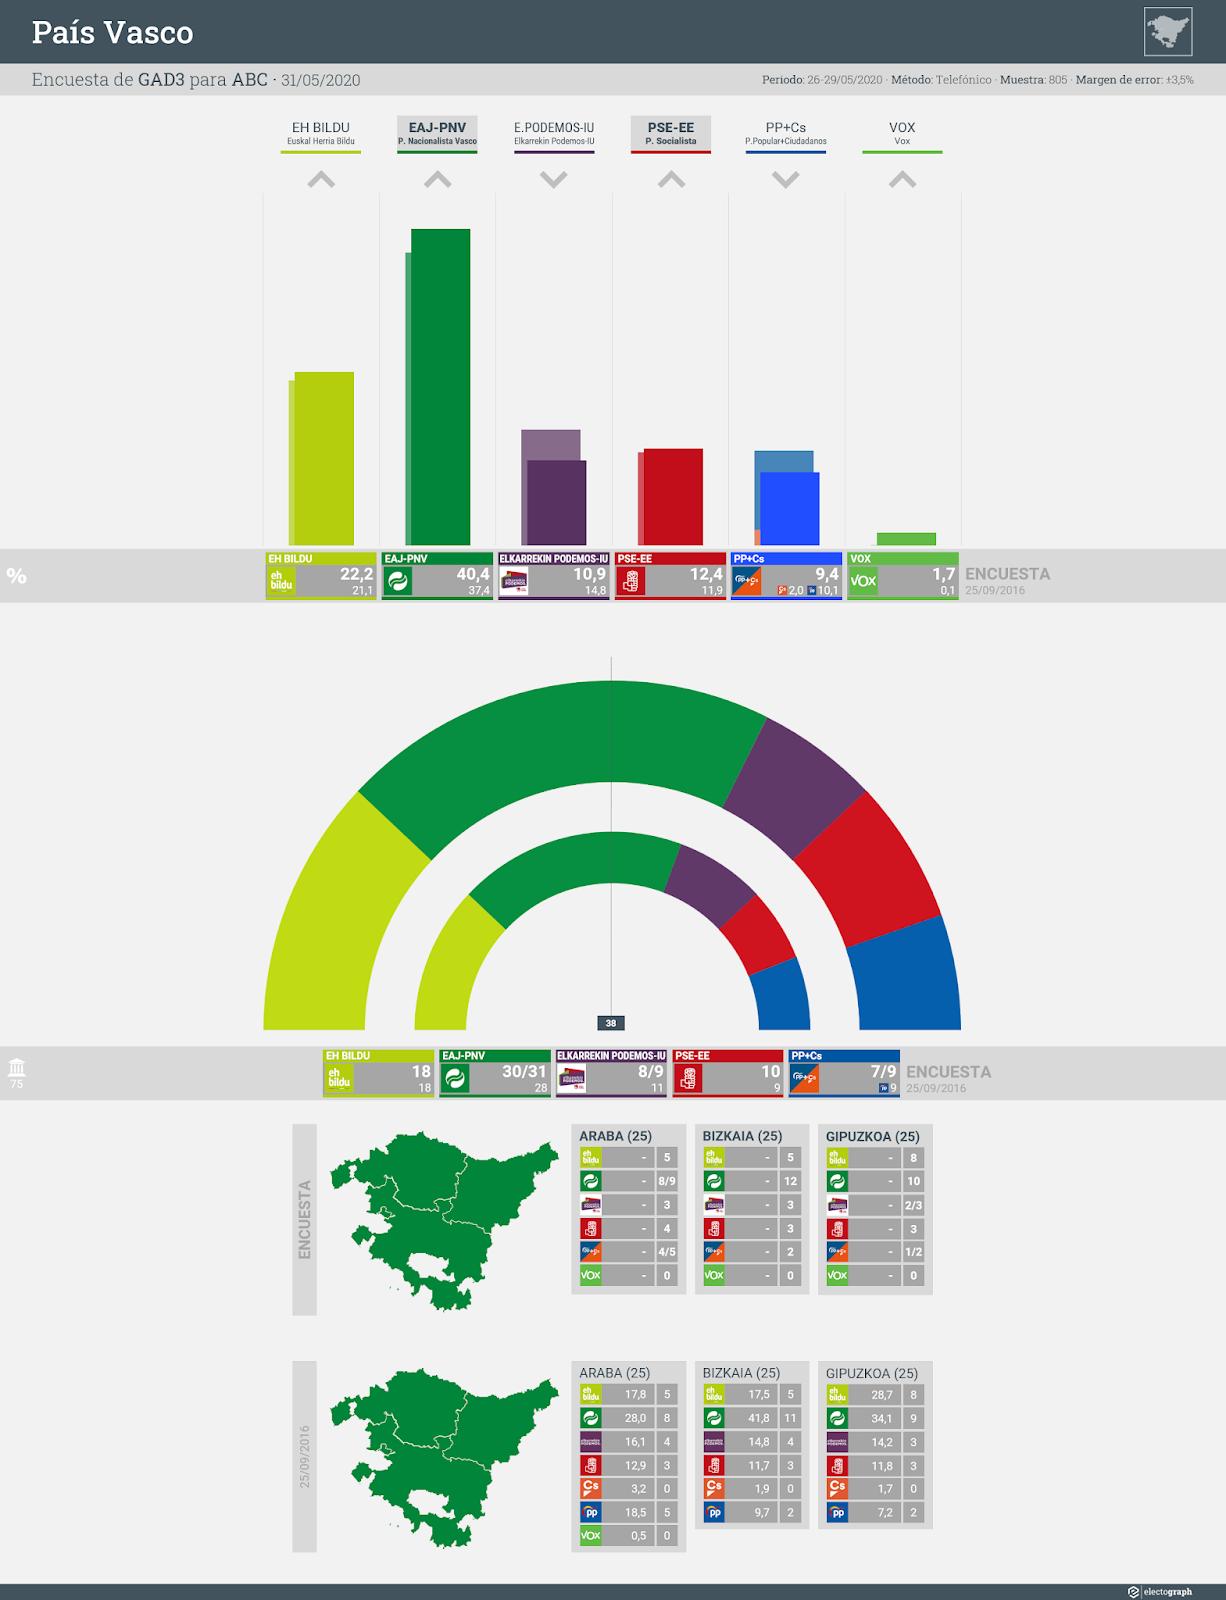 Gráfico de la encuesta para elecciones autonómicas en el País Vasco realizada por GAD3 para ABC, 31 de mayo de 2020